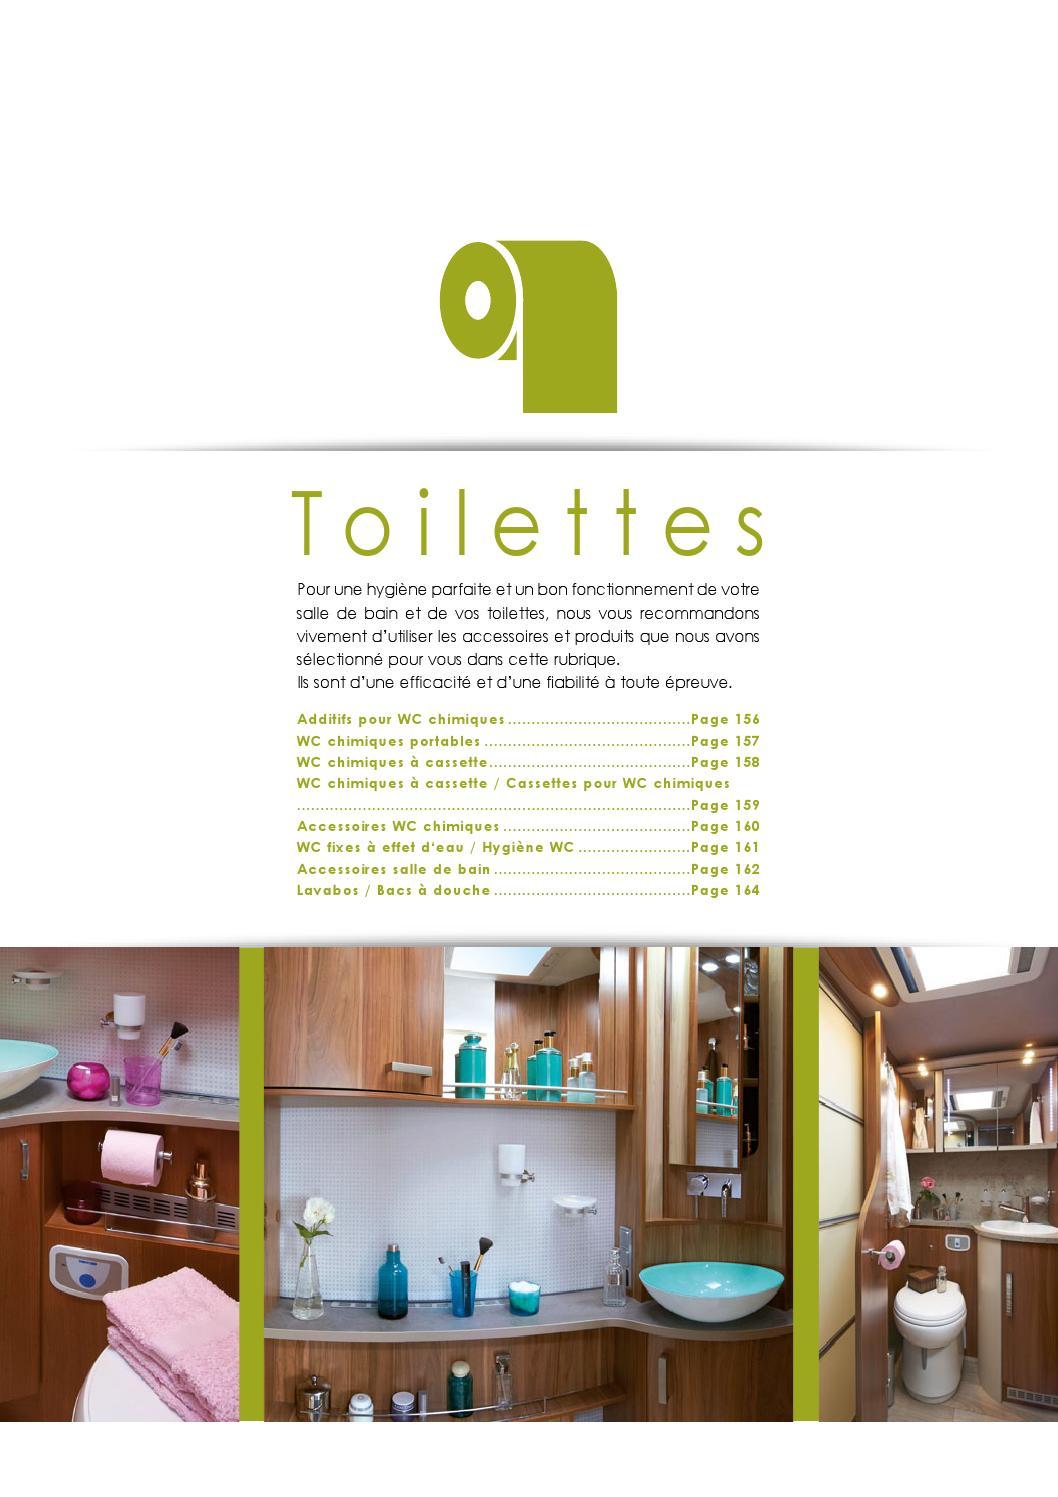 Fonctionnement Wc Chimique en ce qui concerne catalogue 2015 - toilettesnarbonne accessoires - issuu